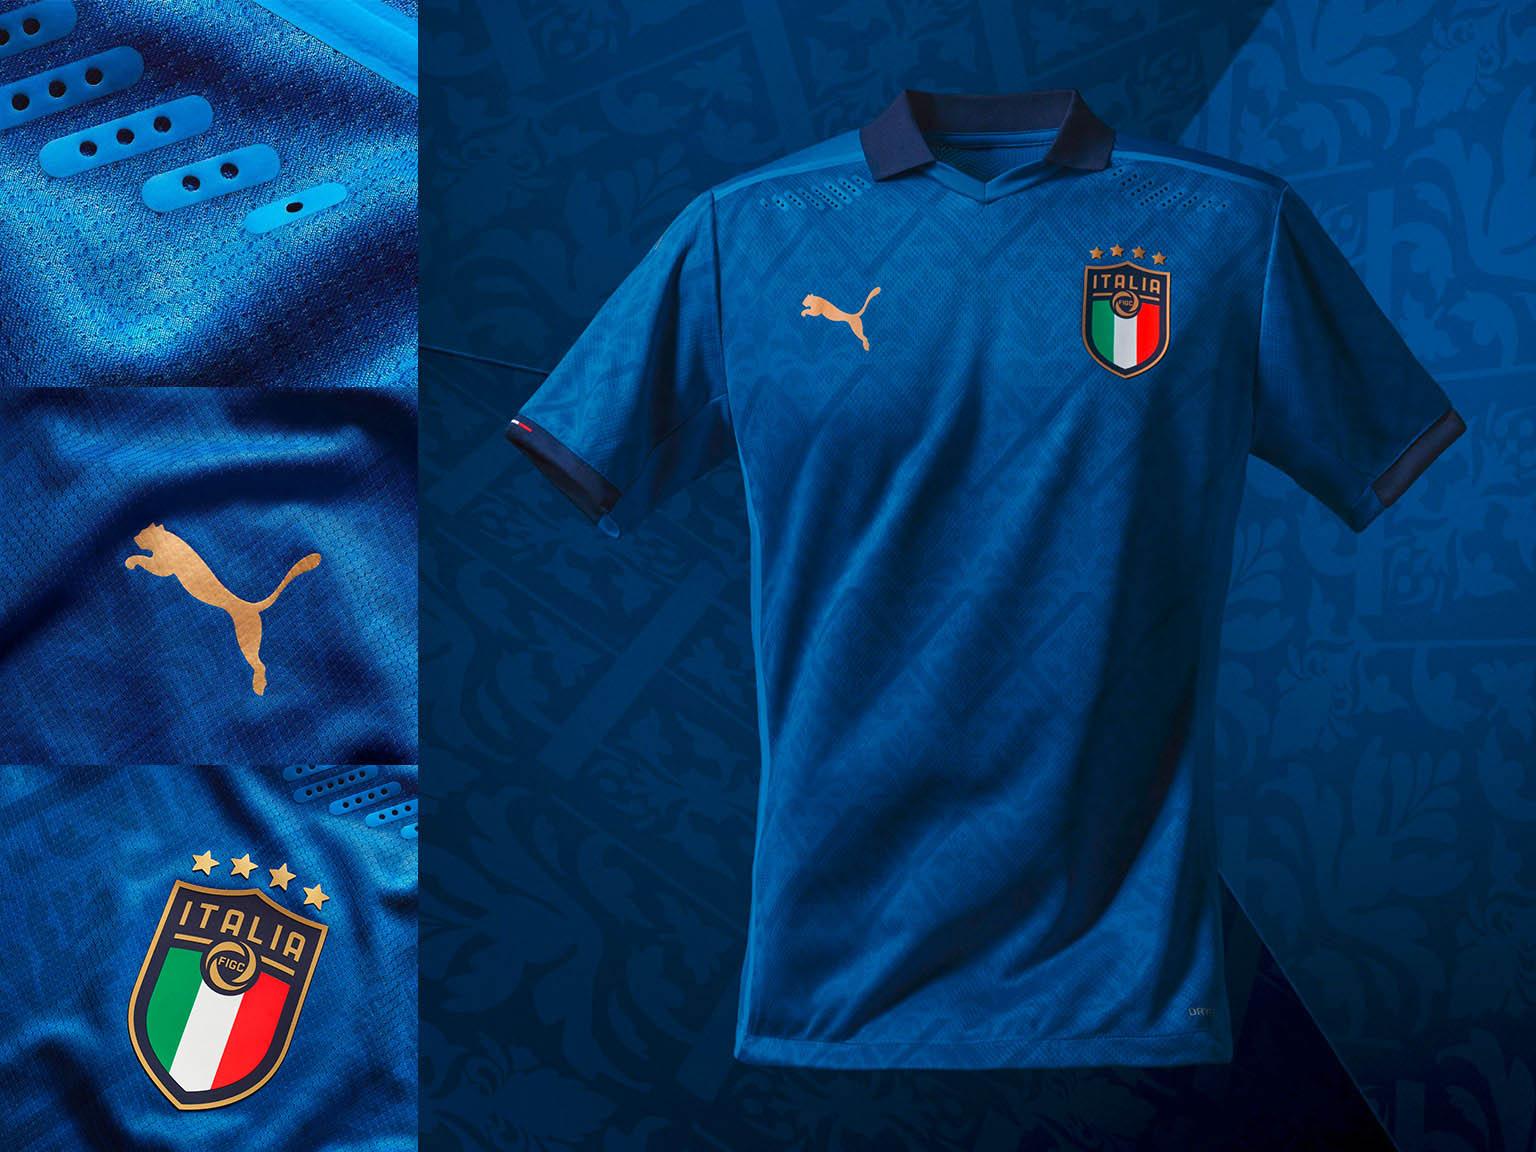 Camisa azul da Itália 2020-2021 PUMA | Eurocopa